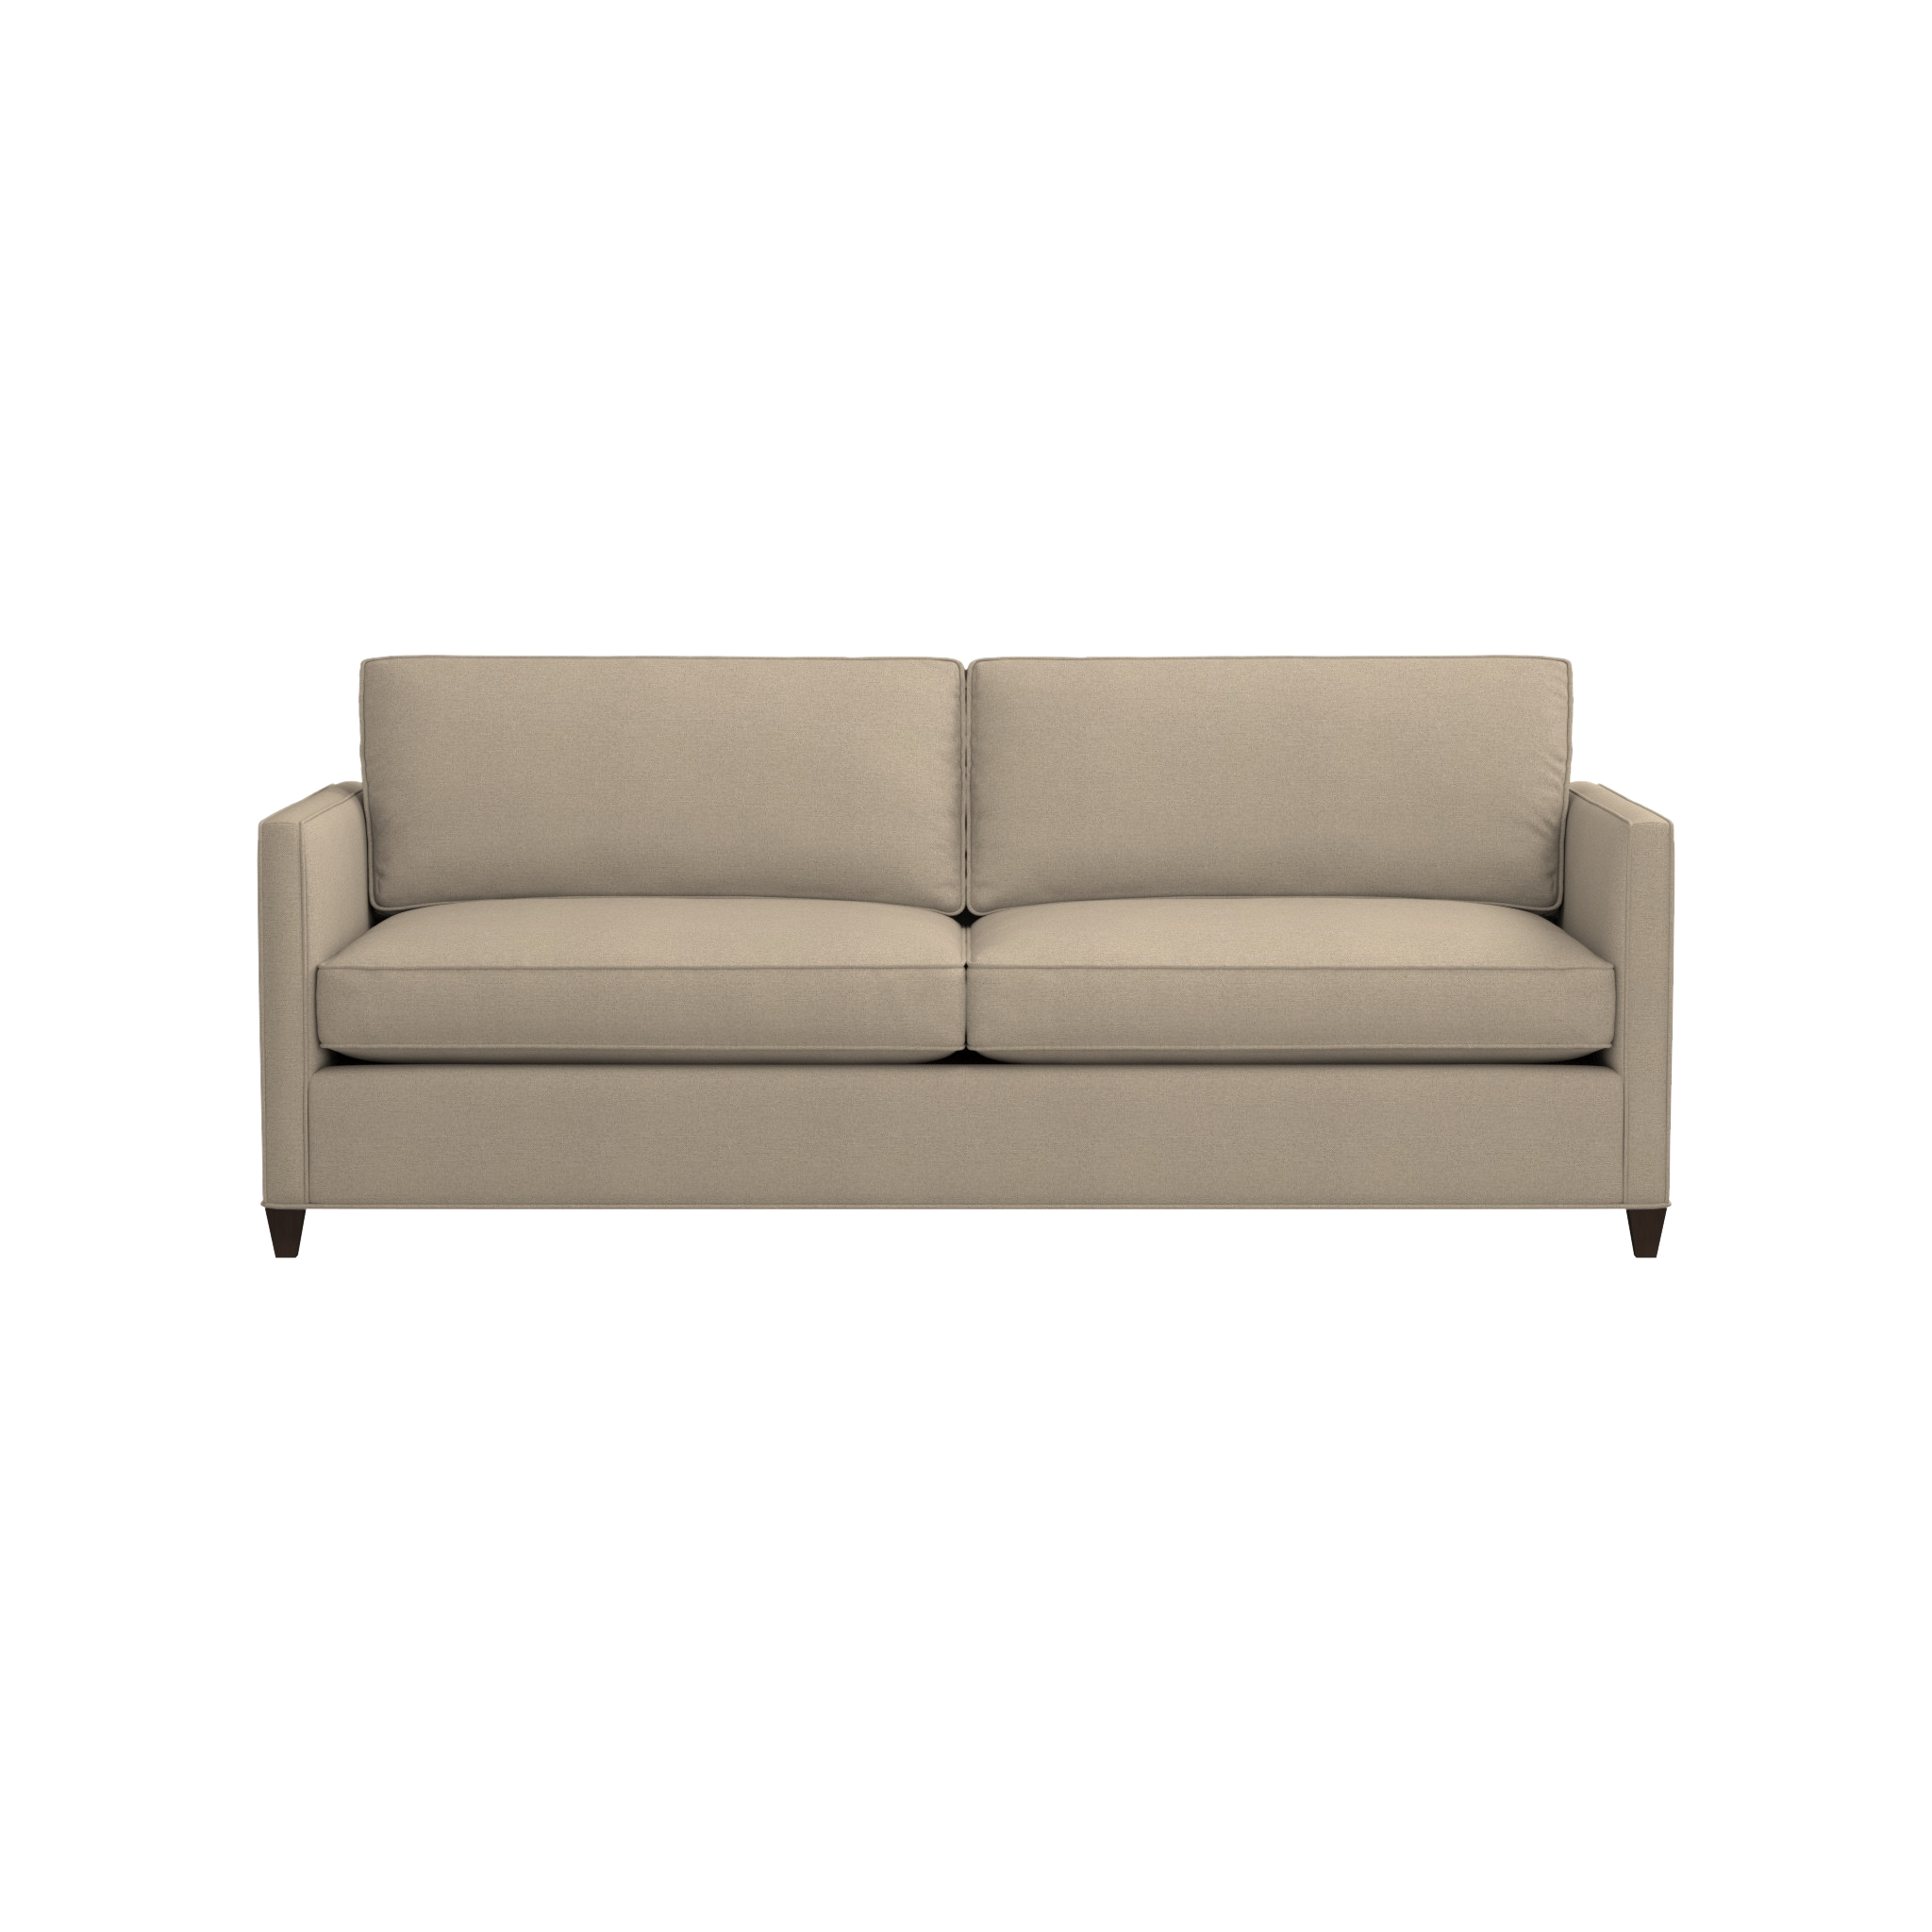 Dryden Queen Sleeper Sofa | Crate And Barrel In Crate And Barrel Sleeper Sofas (View 12 of 20)